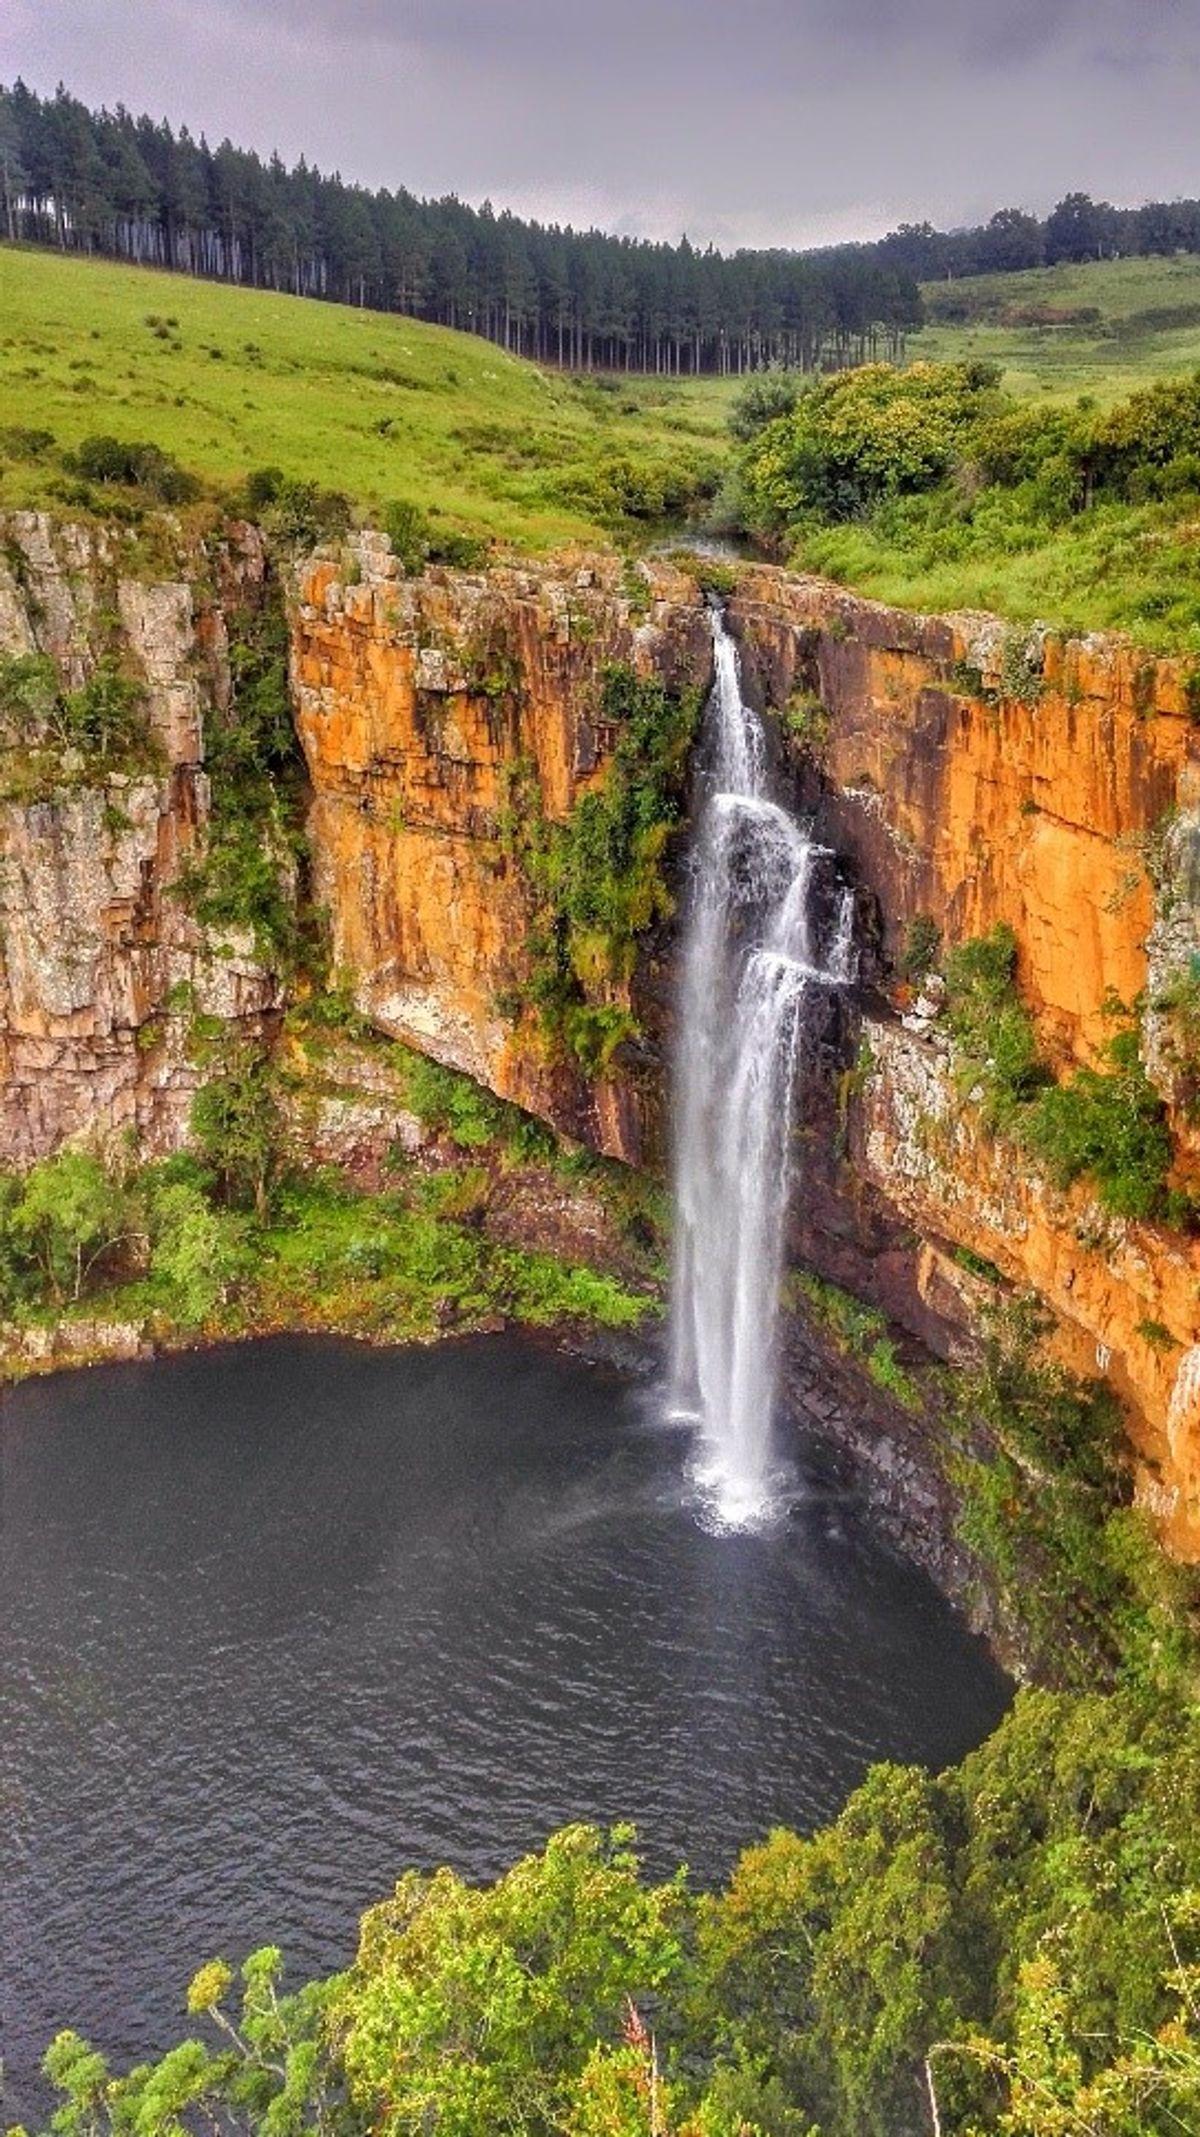 dél-afrikai köztársaság vízesés